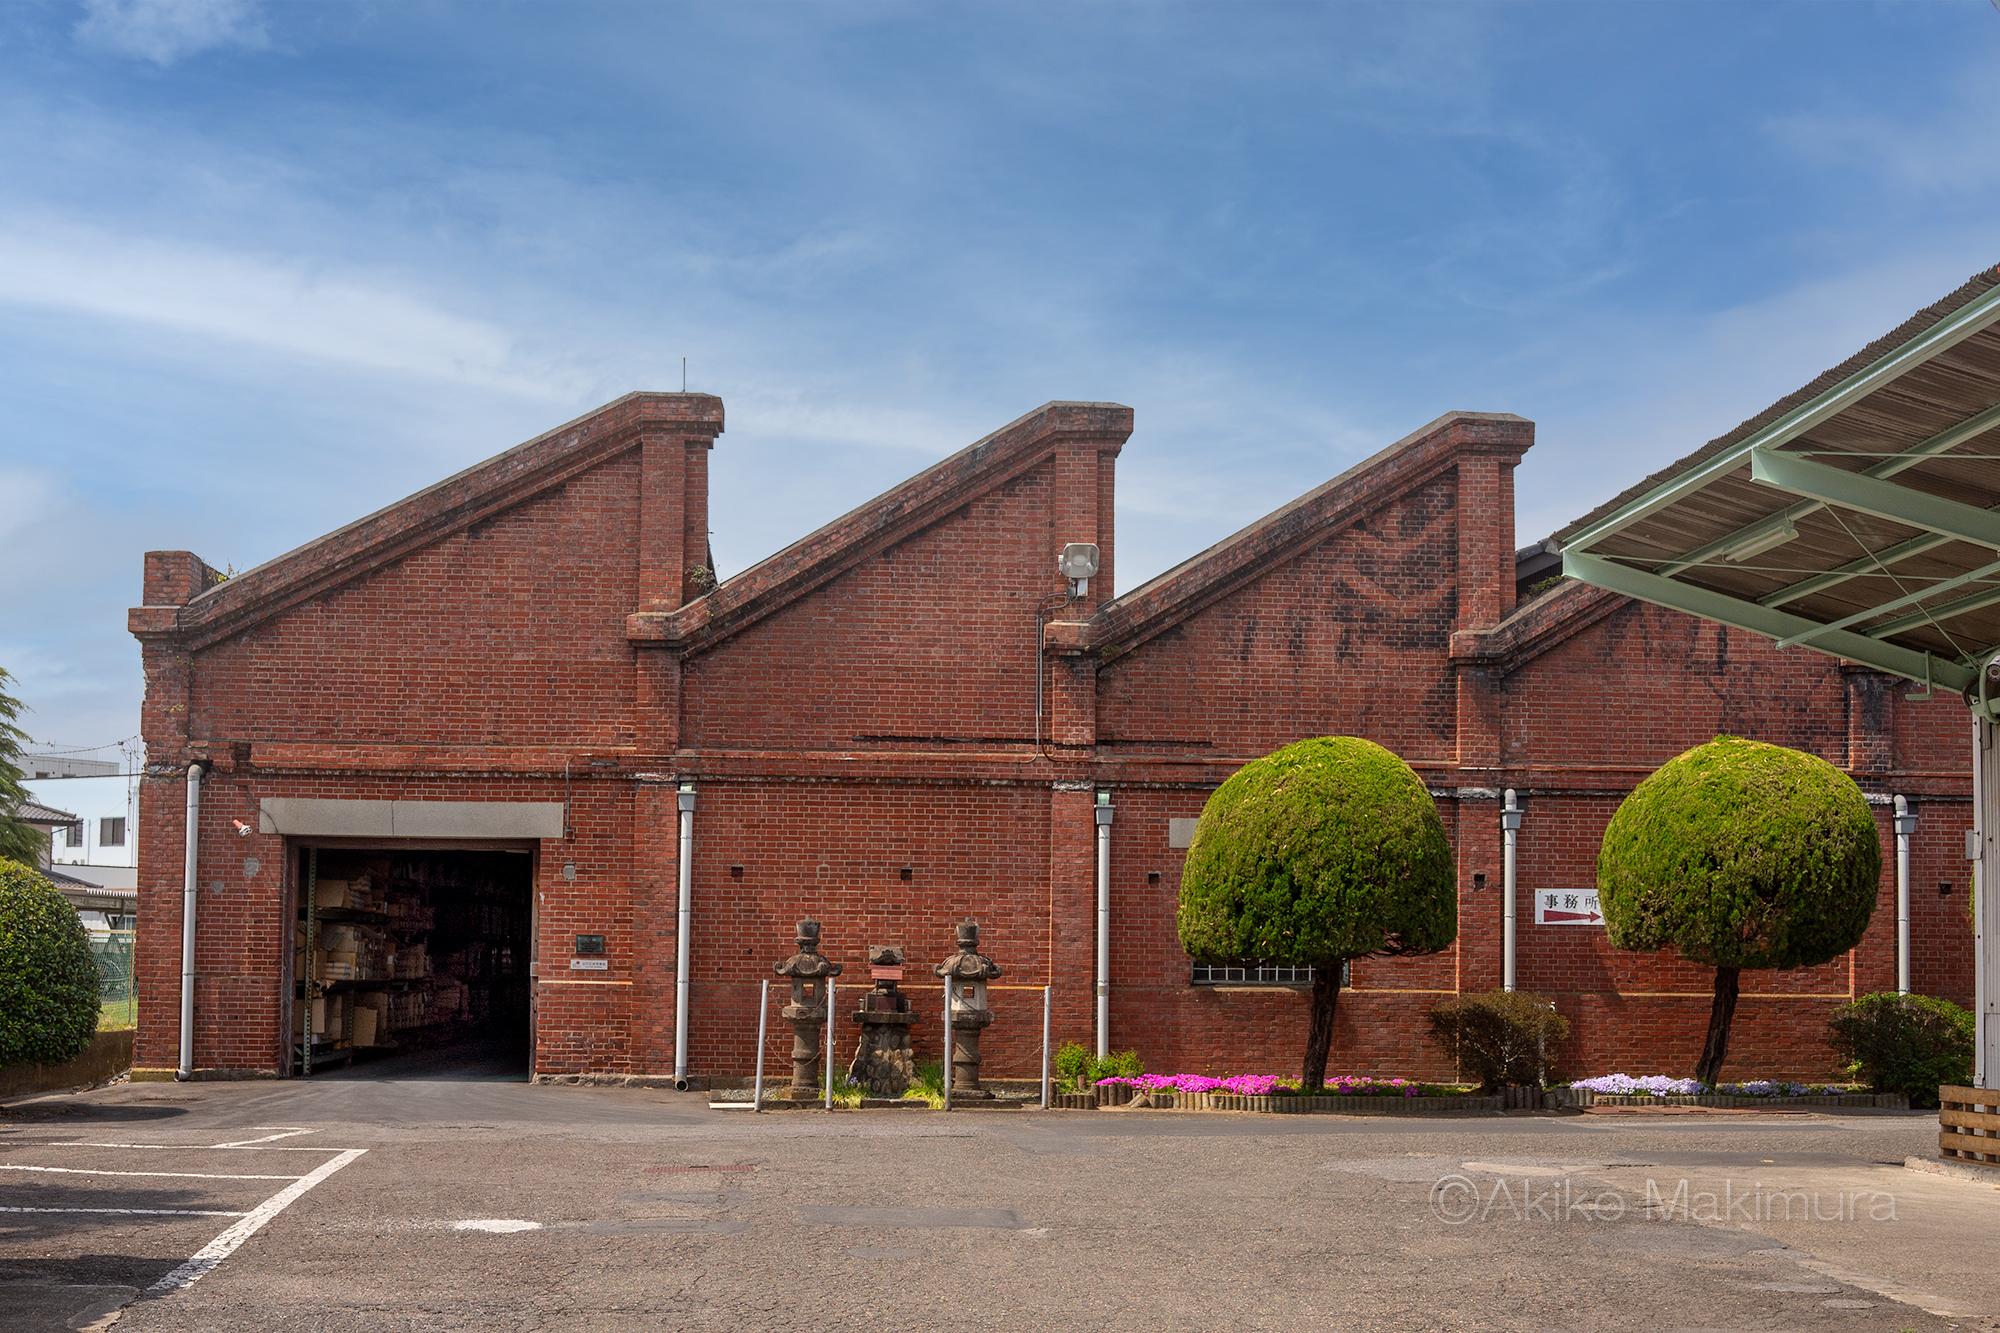 のこぎり屋根のレンガ工場を訪ねて